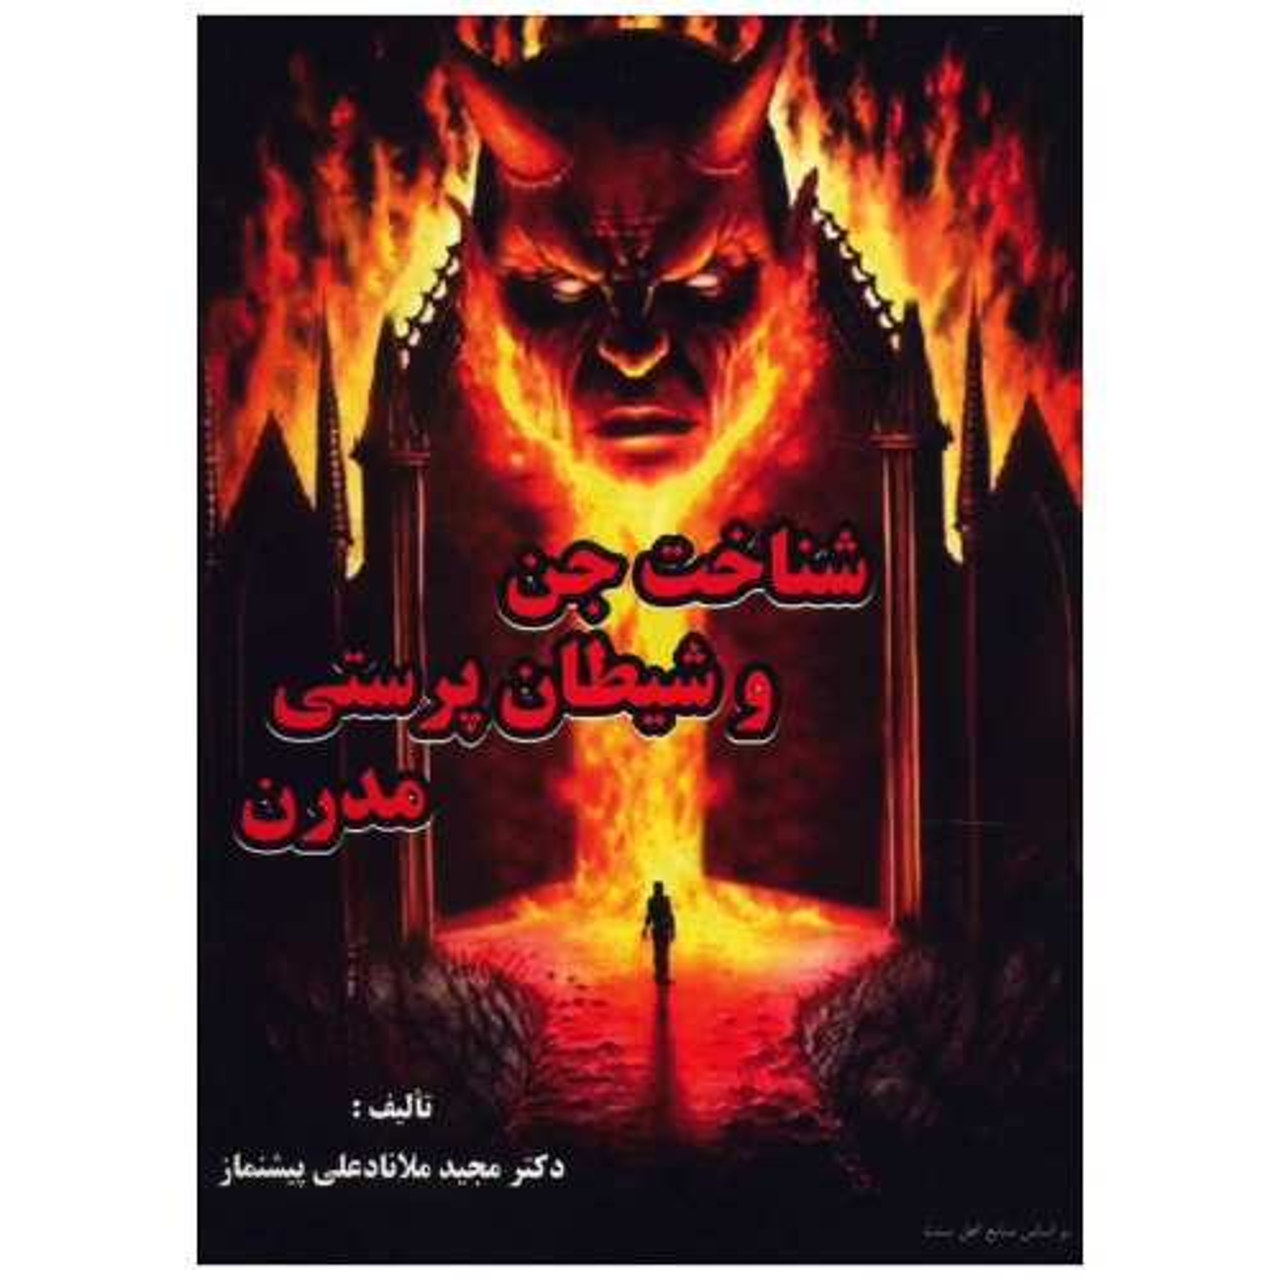 کتاب شناخت جن و شیطان پرستی مدرن اثر مجید ملا نادعلی پیشنماز